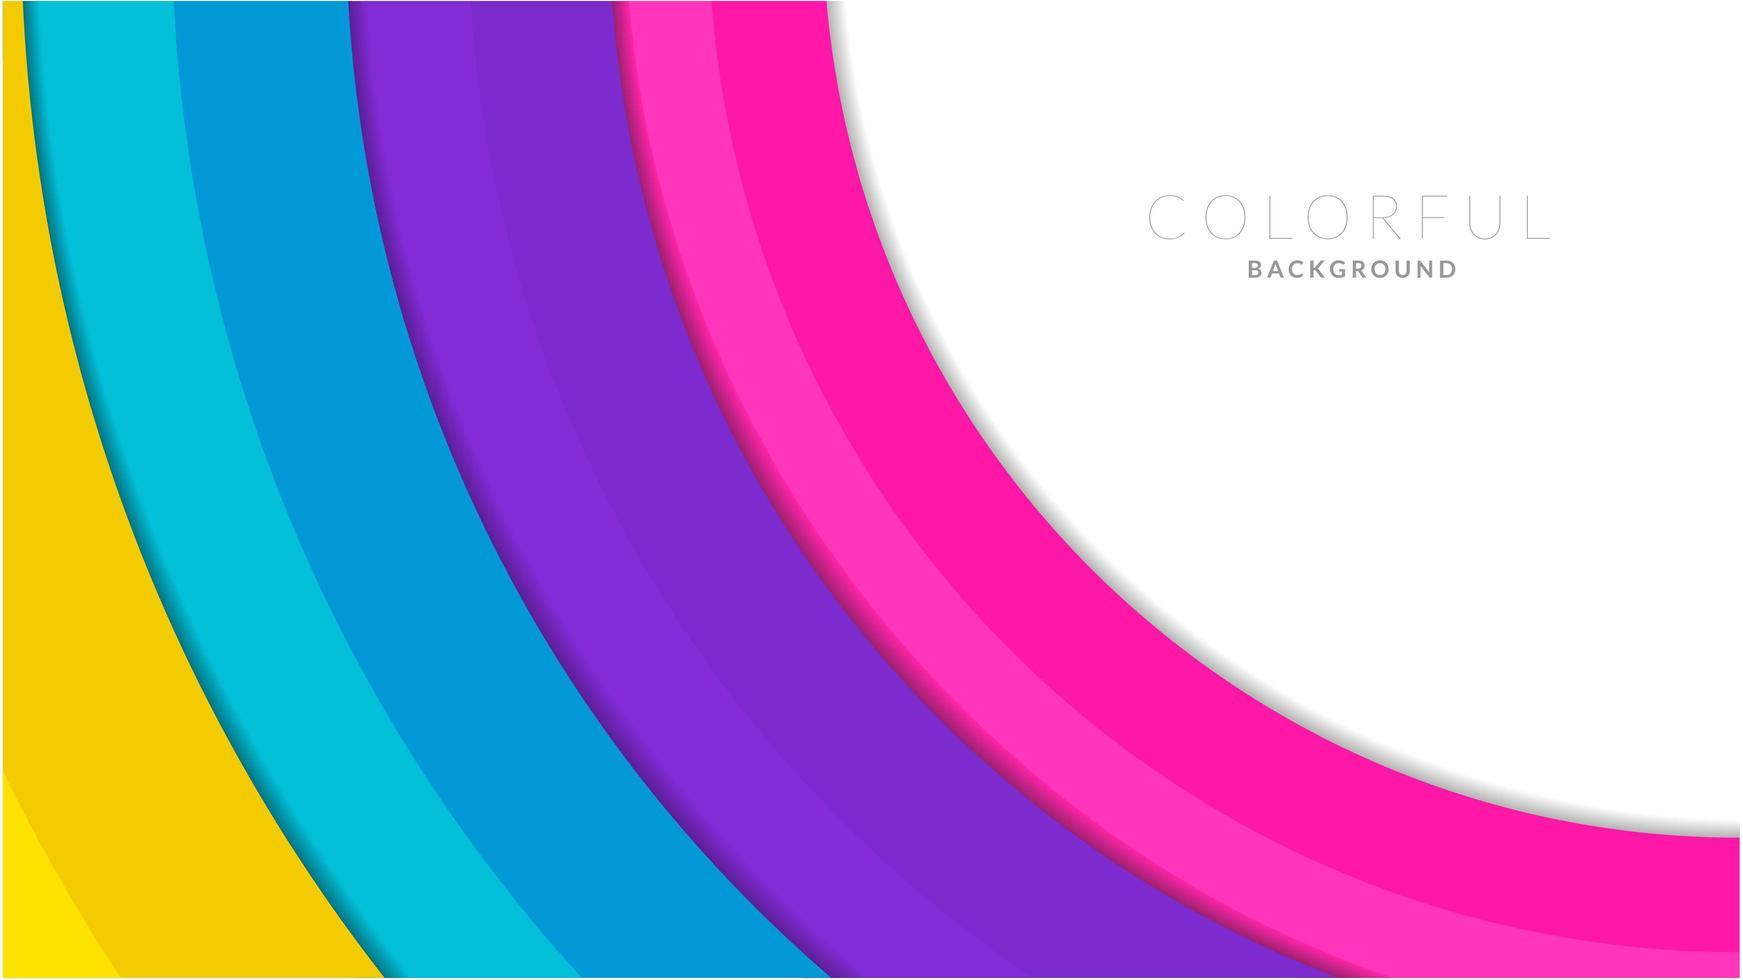 corte de papel moderno colorido fundo em camadas vetor